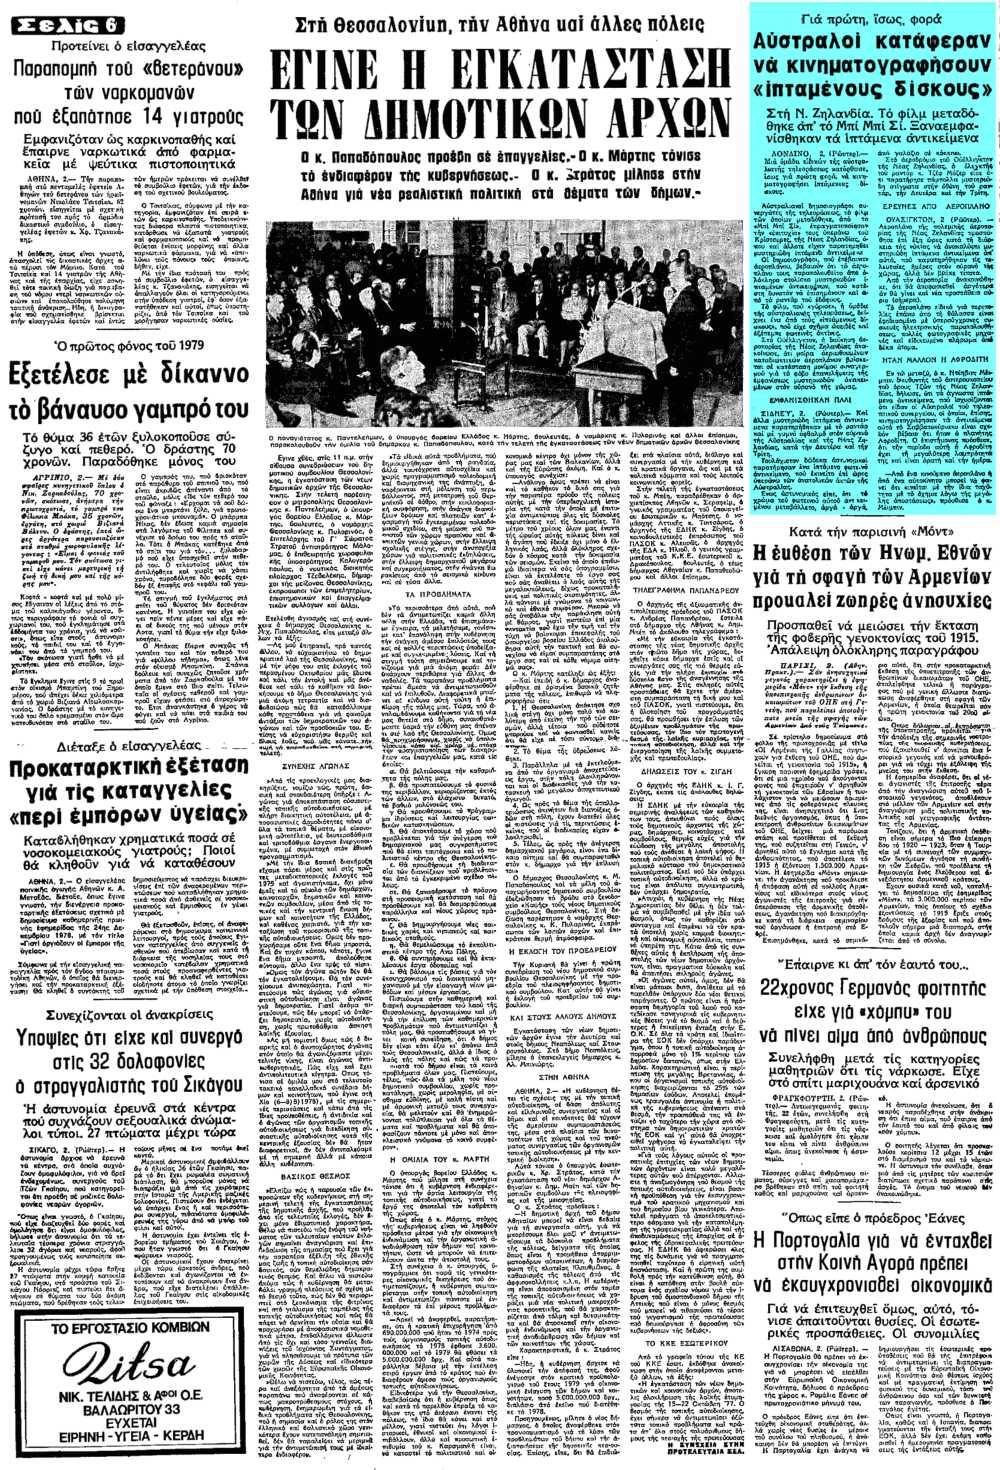 """Το άρθρο, όπως δημοσιεύθηκε στην εφημερίδα """"ΜΑΚΕΔΟΝΙΑ"""", στις 03/01/1979"""